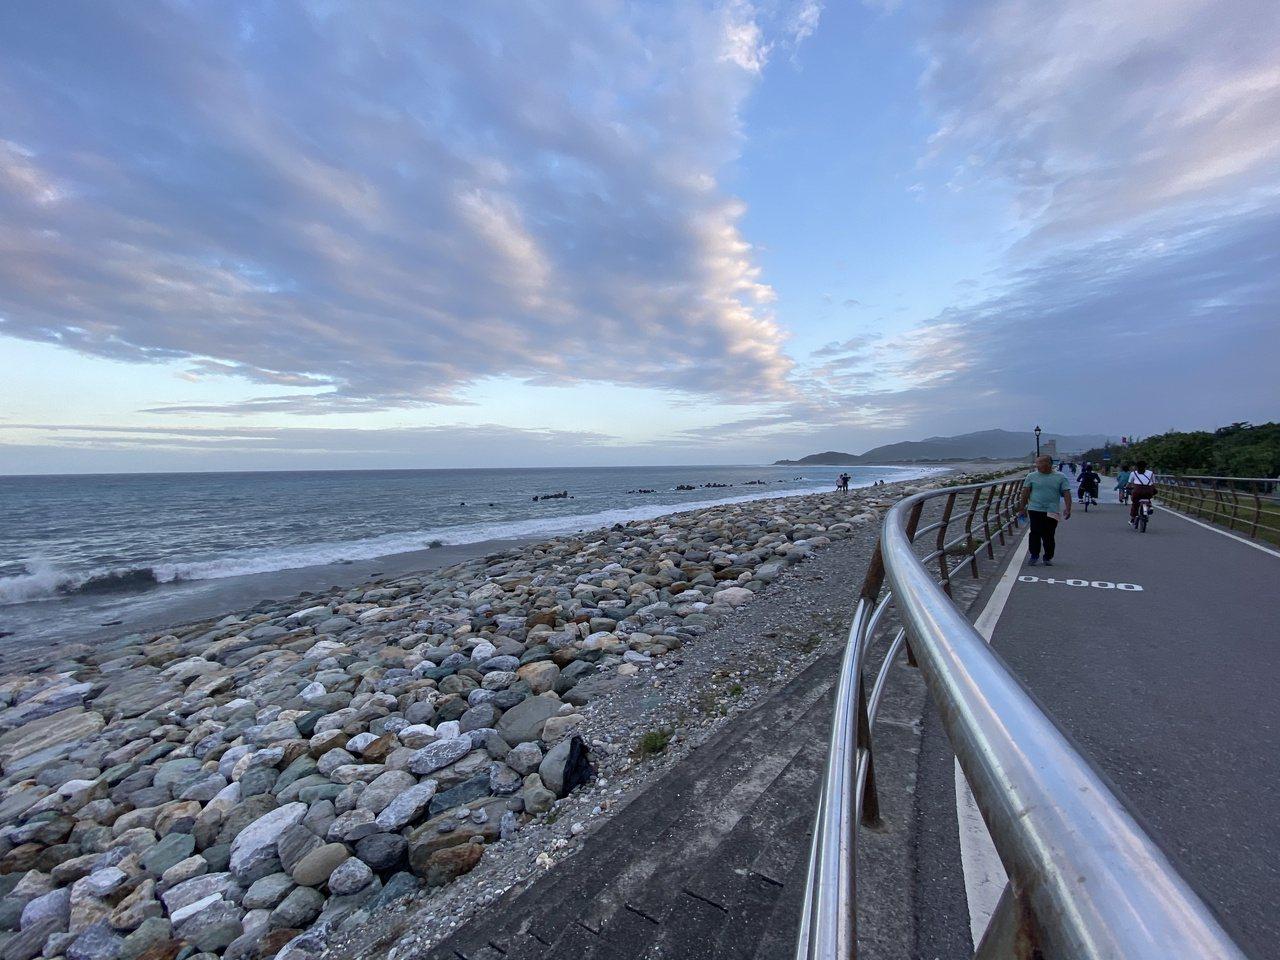 花蓮化仁海堤就在海岸線旁邊,每到傍晚吸引許多民眾散步、跑步或騎自行車欣賞風景。 ...